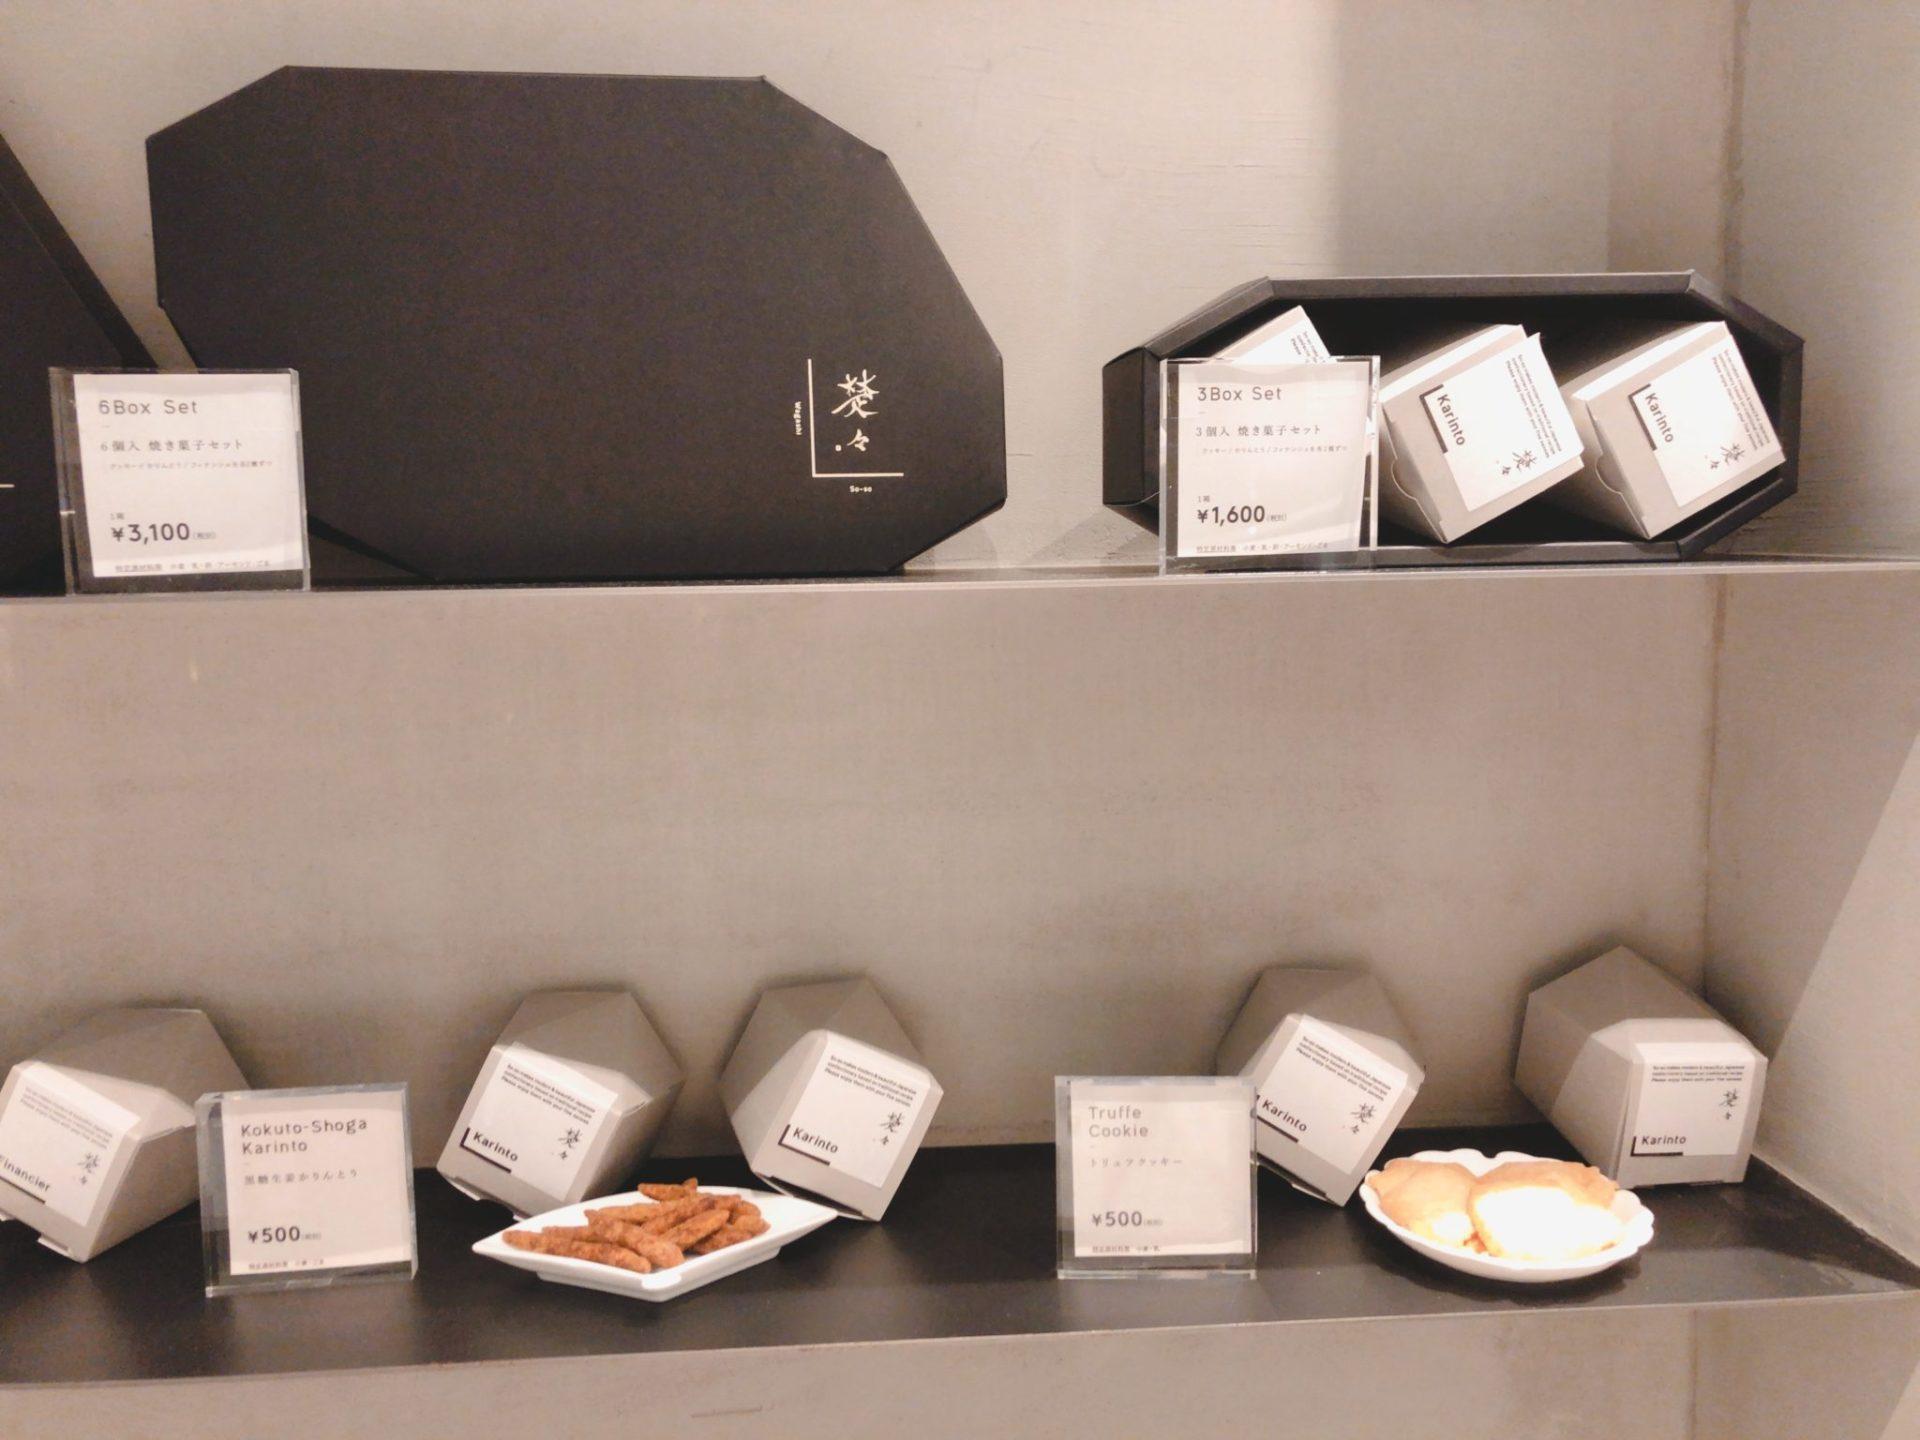 日比谷OKUROJI(ヒビヤオクロジ)の和菓子楚々の手土産ギフト